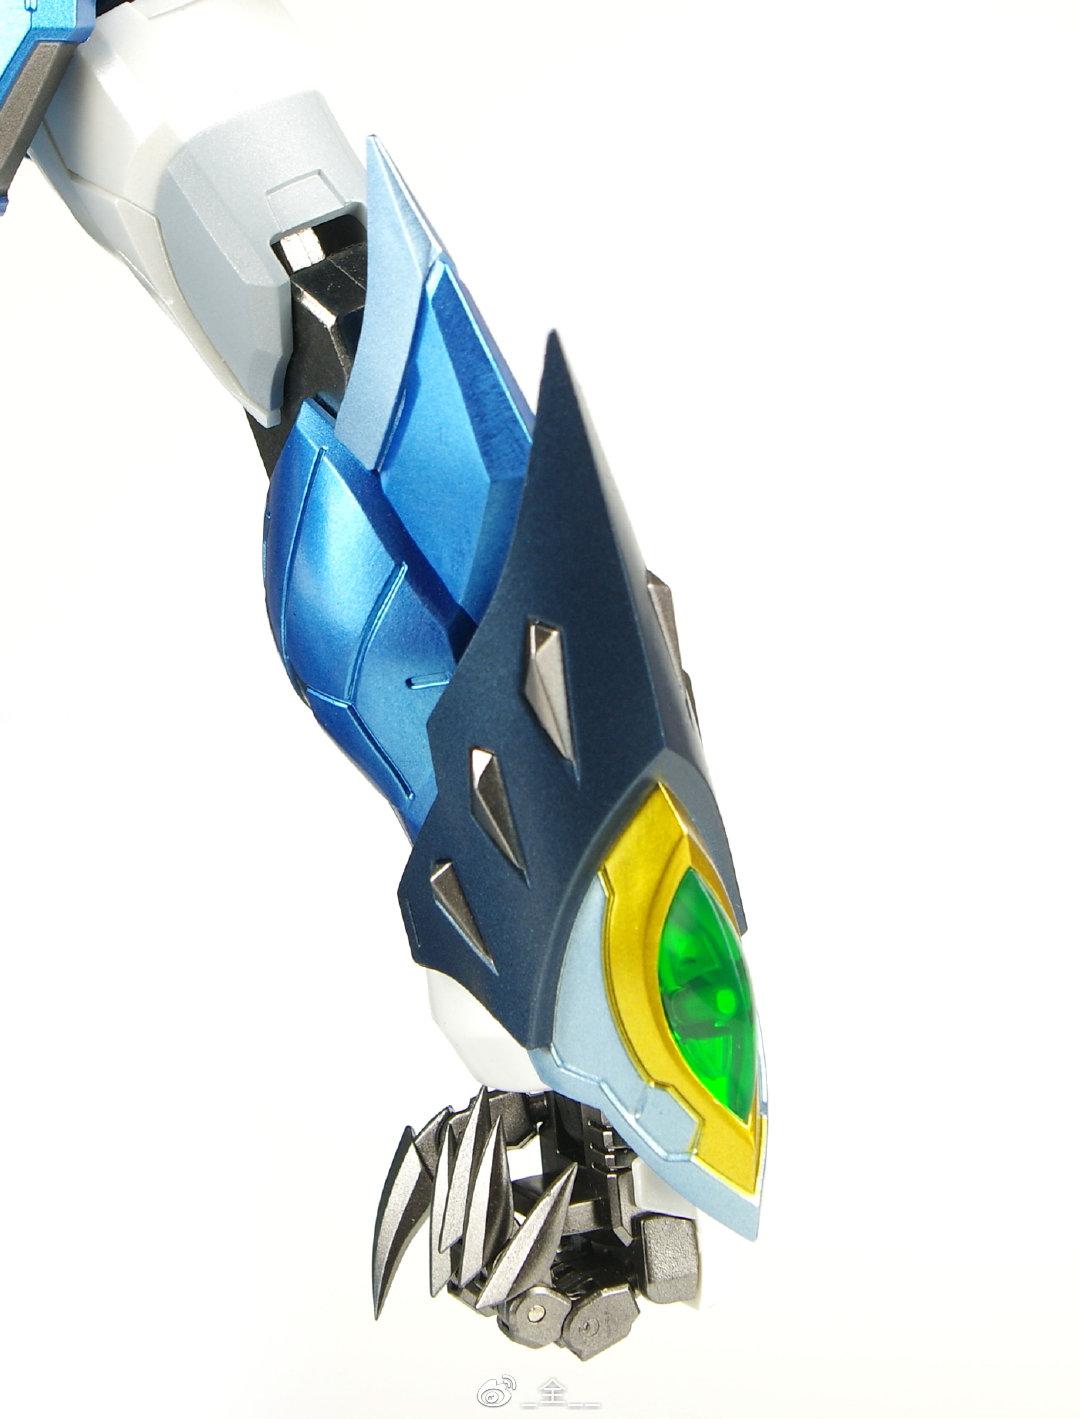 S470_MOTOR_NUCLEAR_MN_Q03_blue_gragon_ao_bing_di_hui_xing_han_long_zi_039.jpg